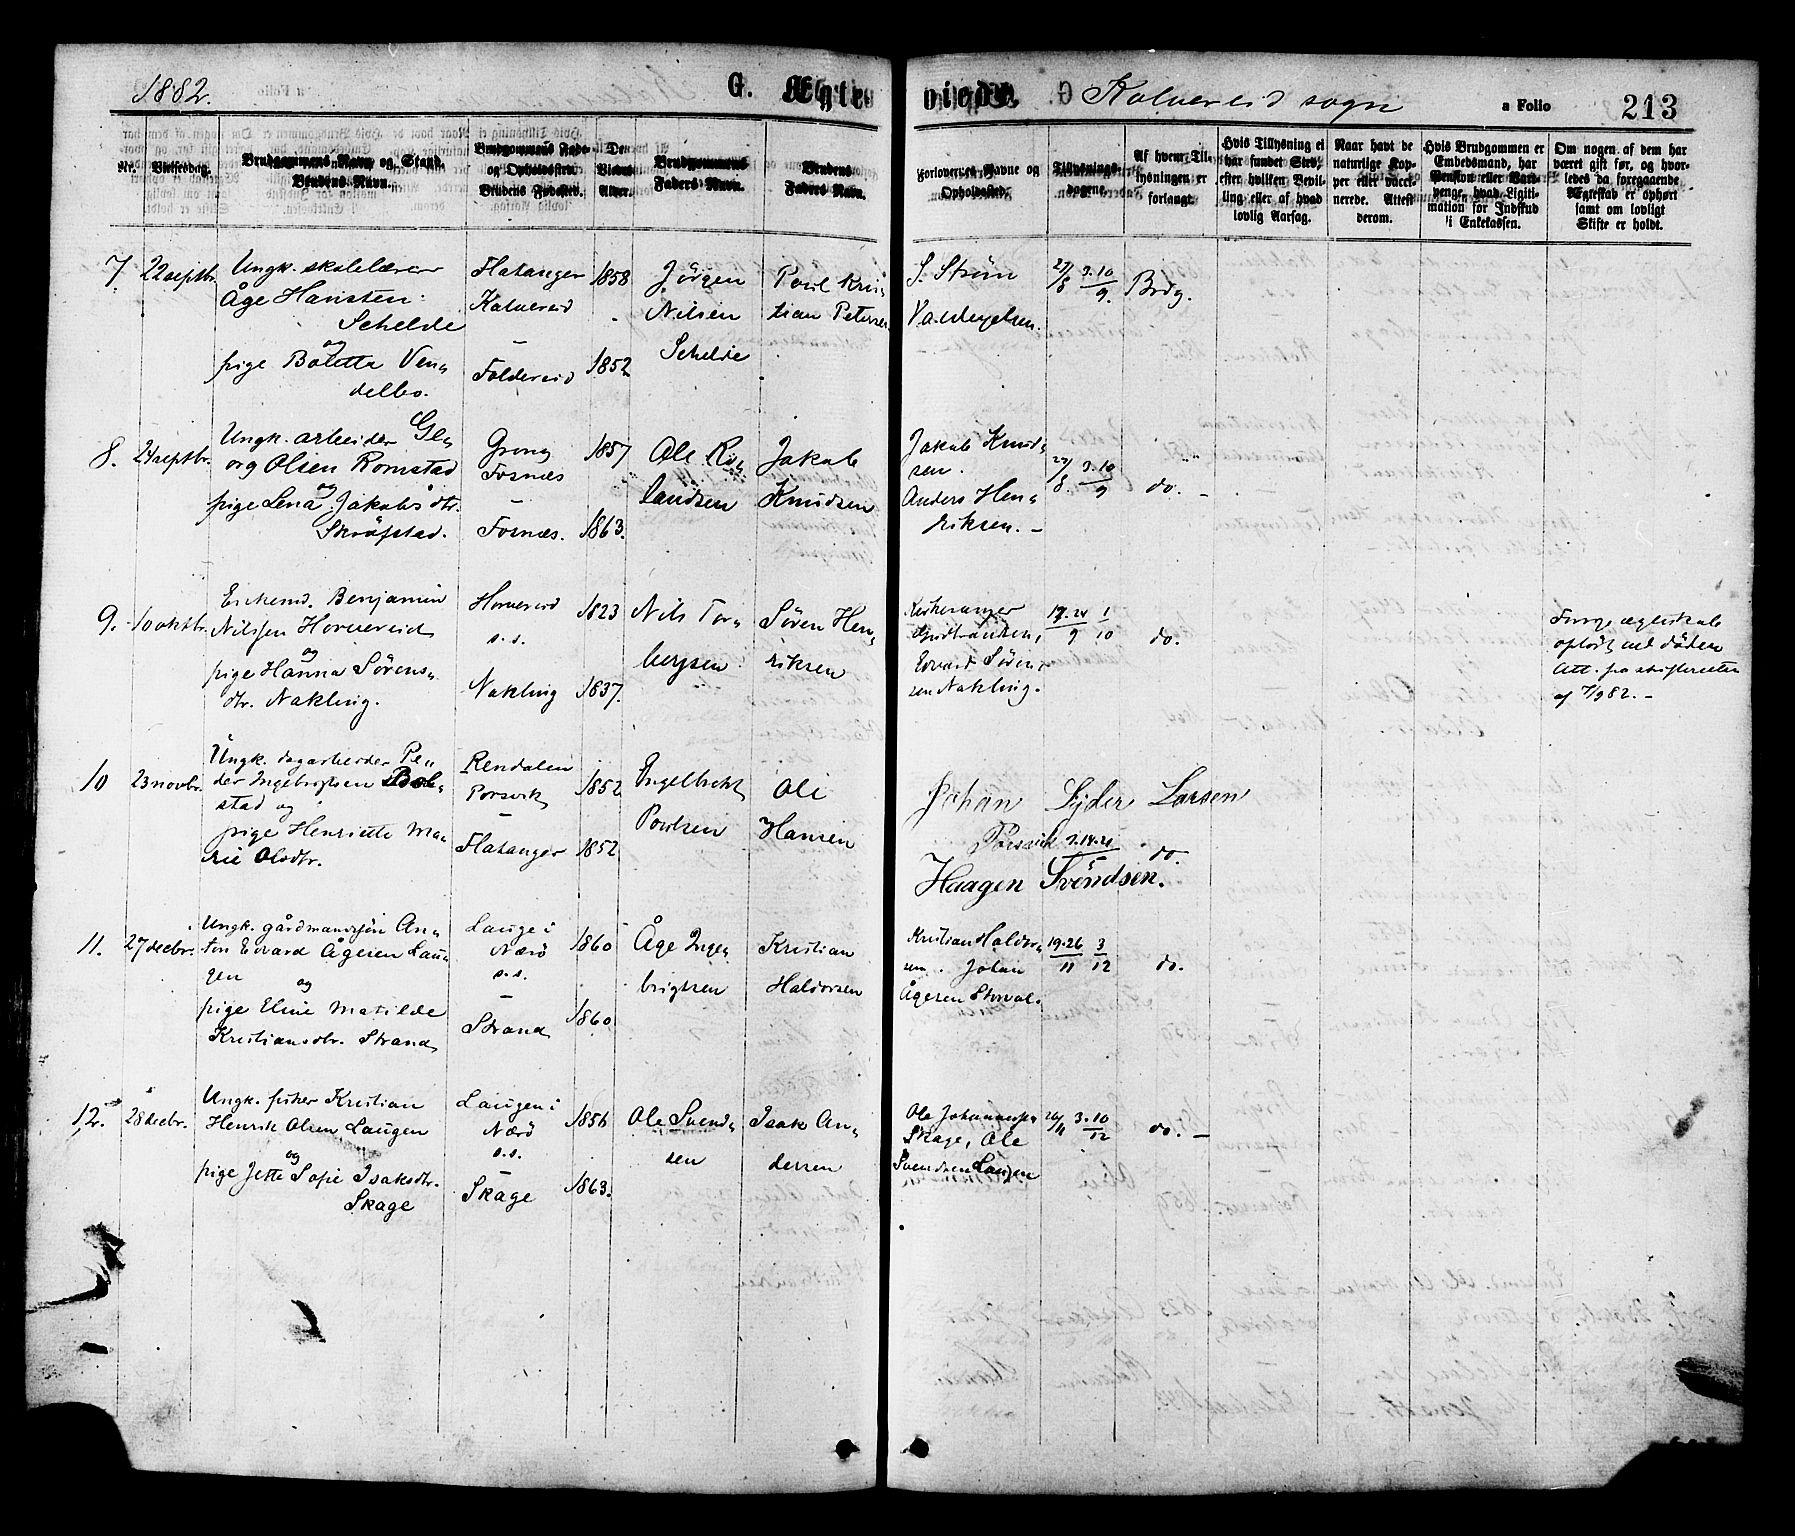 SAT, Ministerialprotokoller, klokkerbøker og fødselsregistre - Nord-Trøndelag, 780/L0642: Ministerialbok nr. 780A07 /1, 1874-1885, s. 213